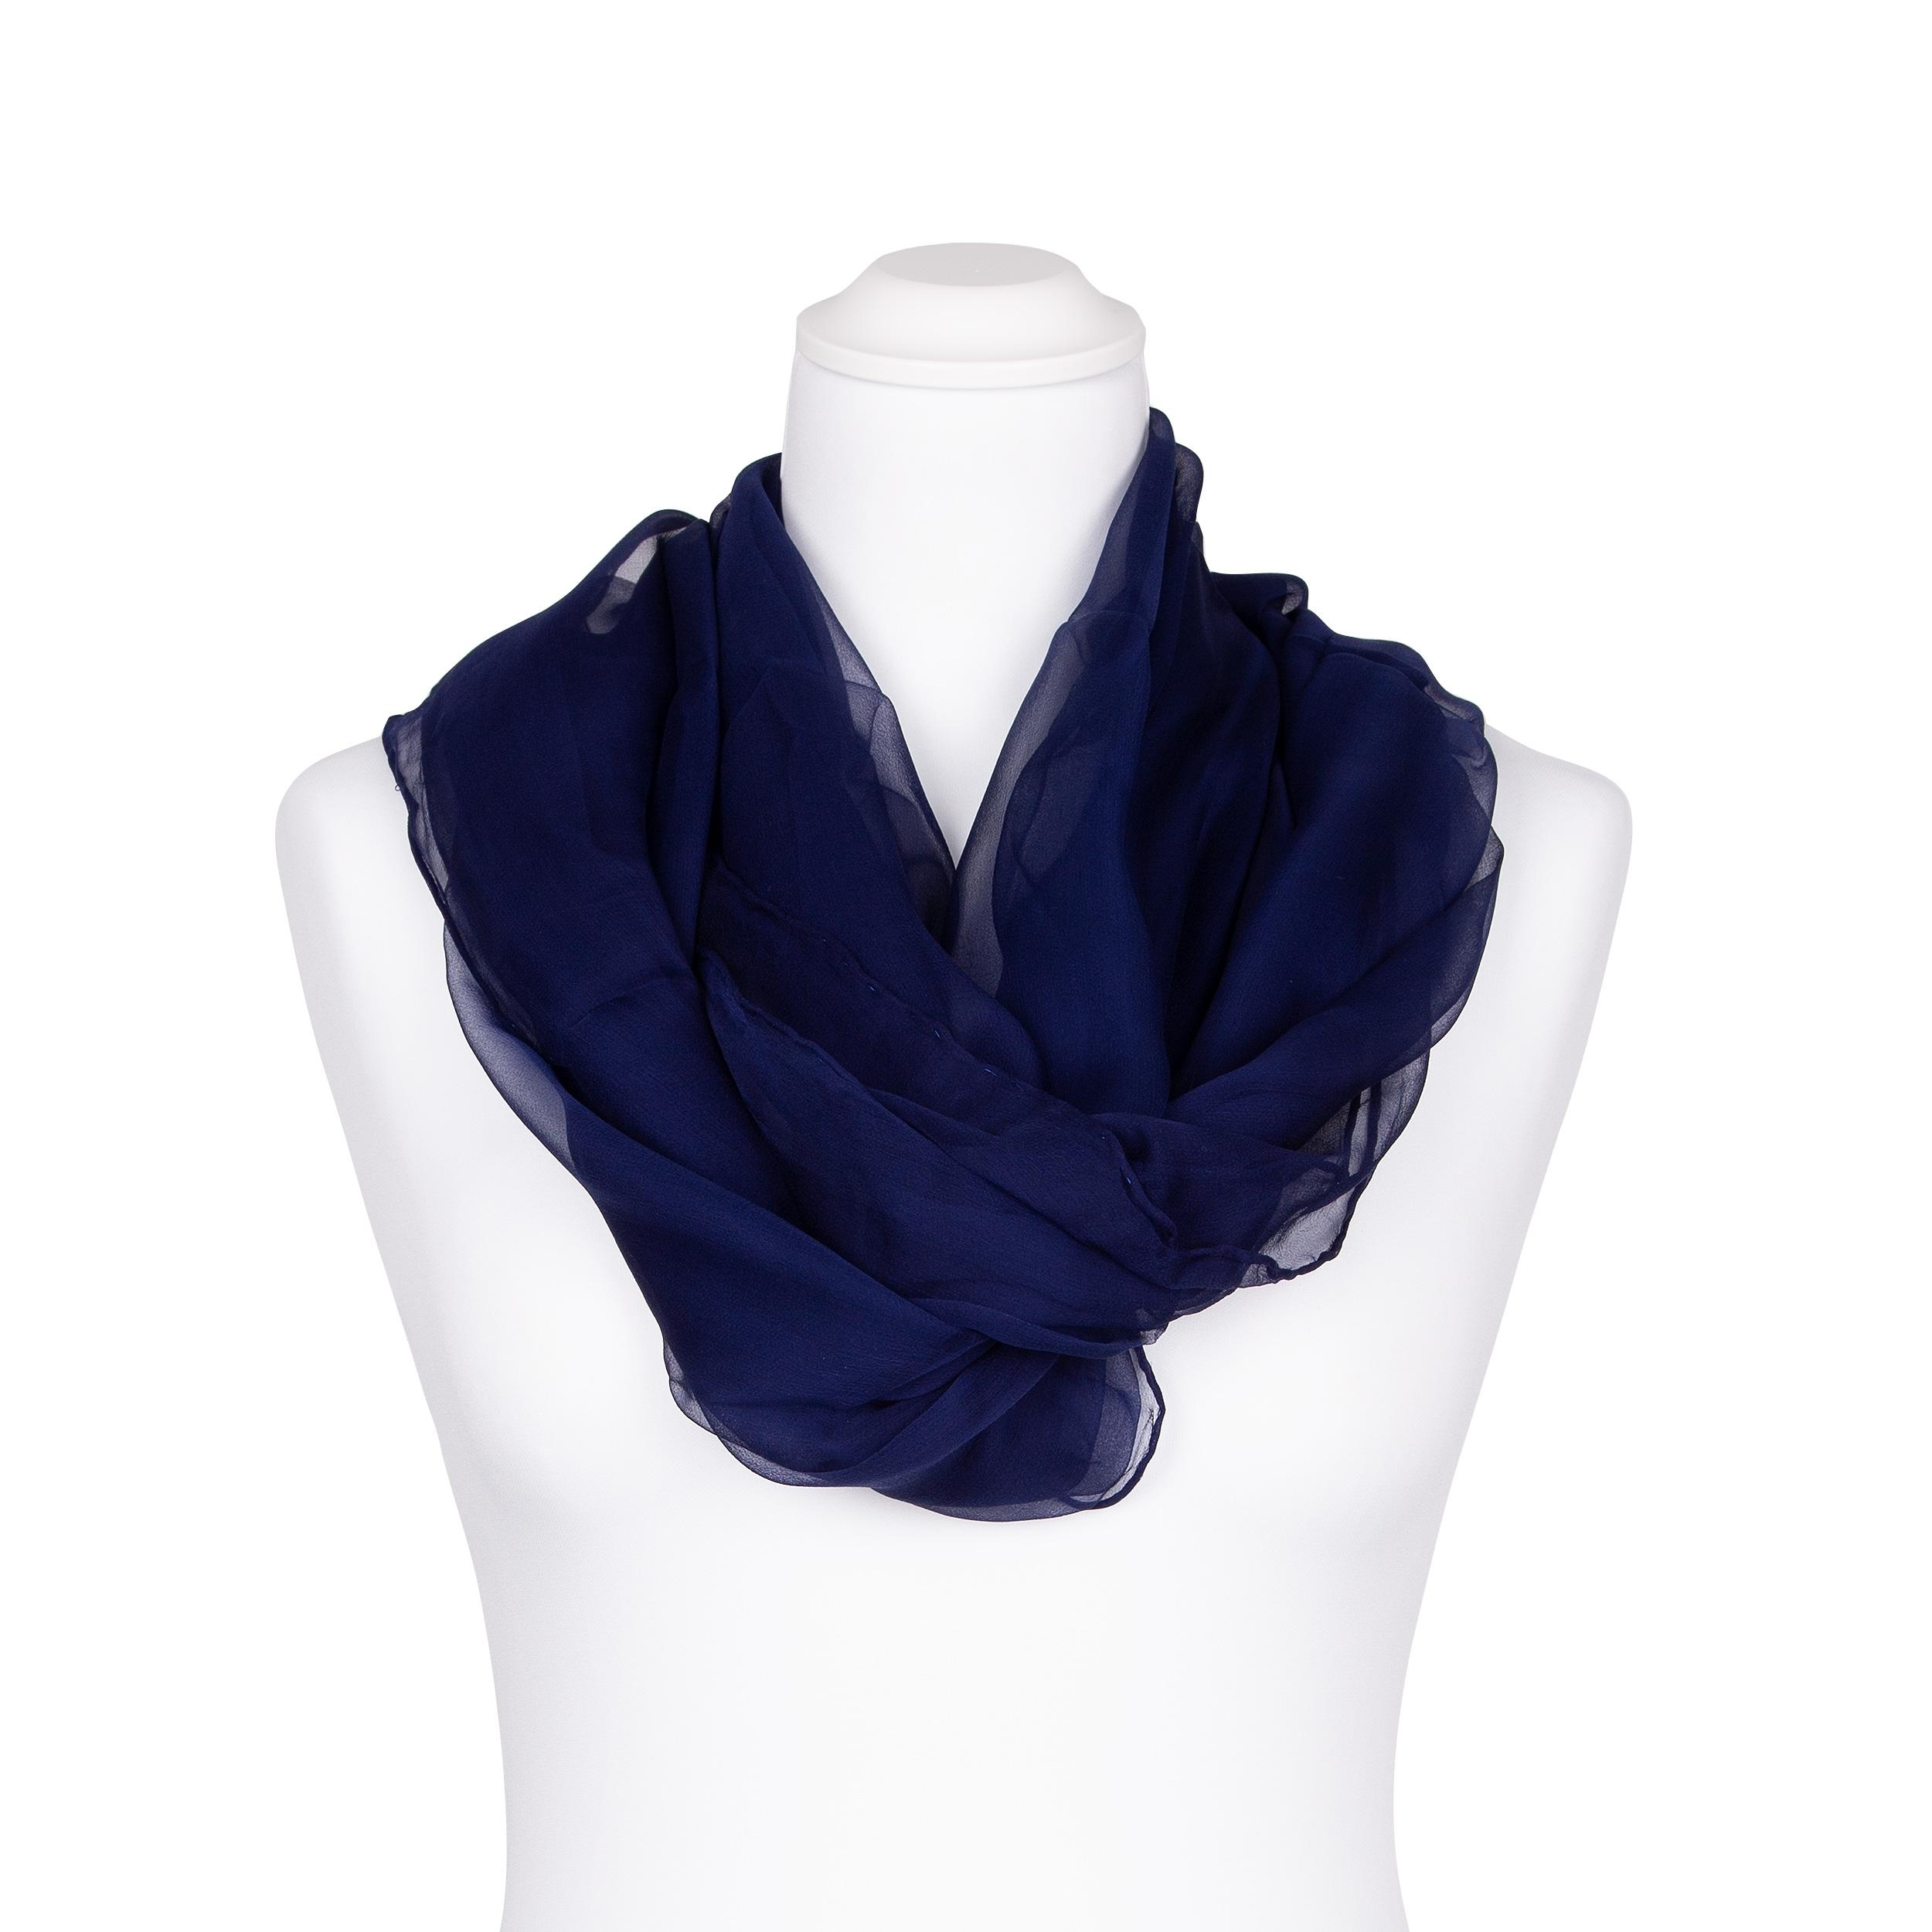 Chiffon-Seidenschal Halstuch Schal Nachtblau